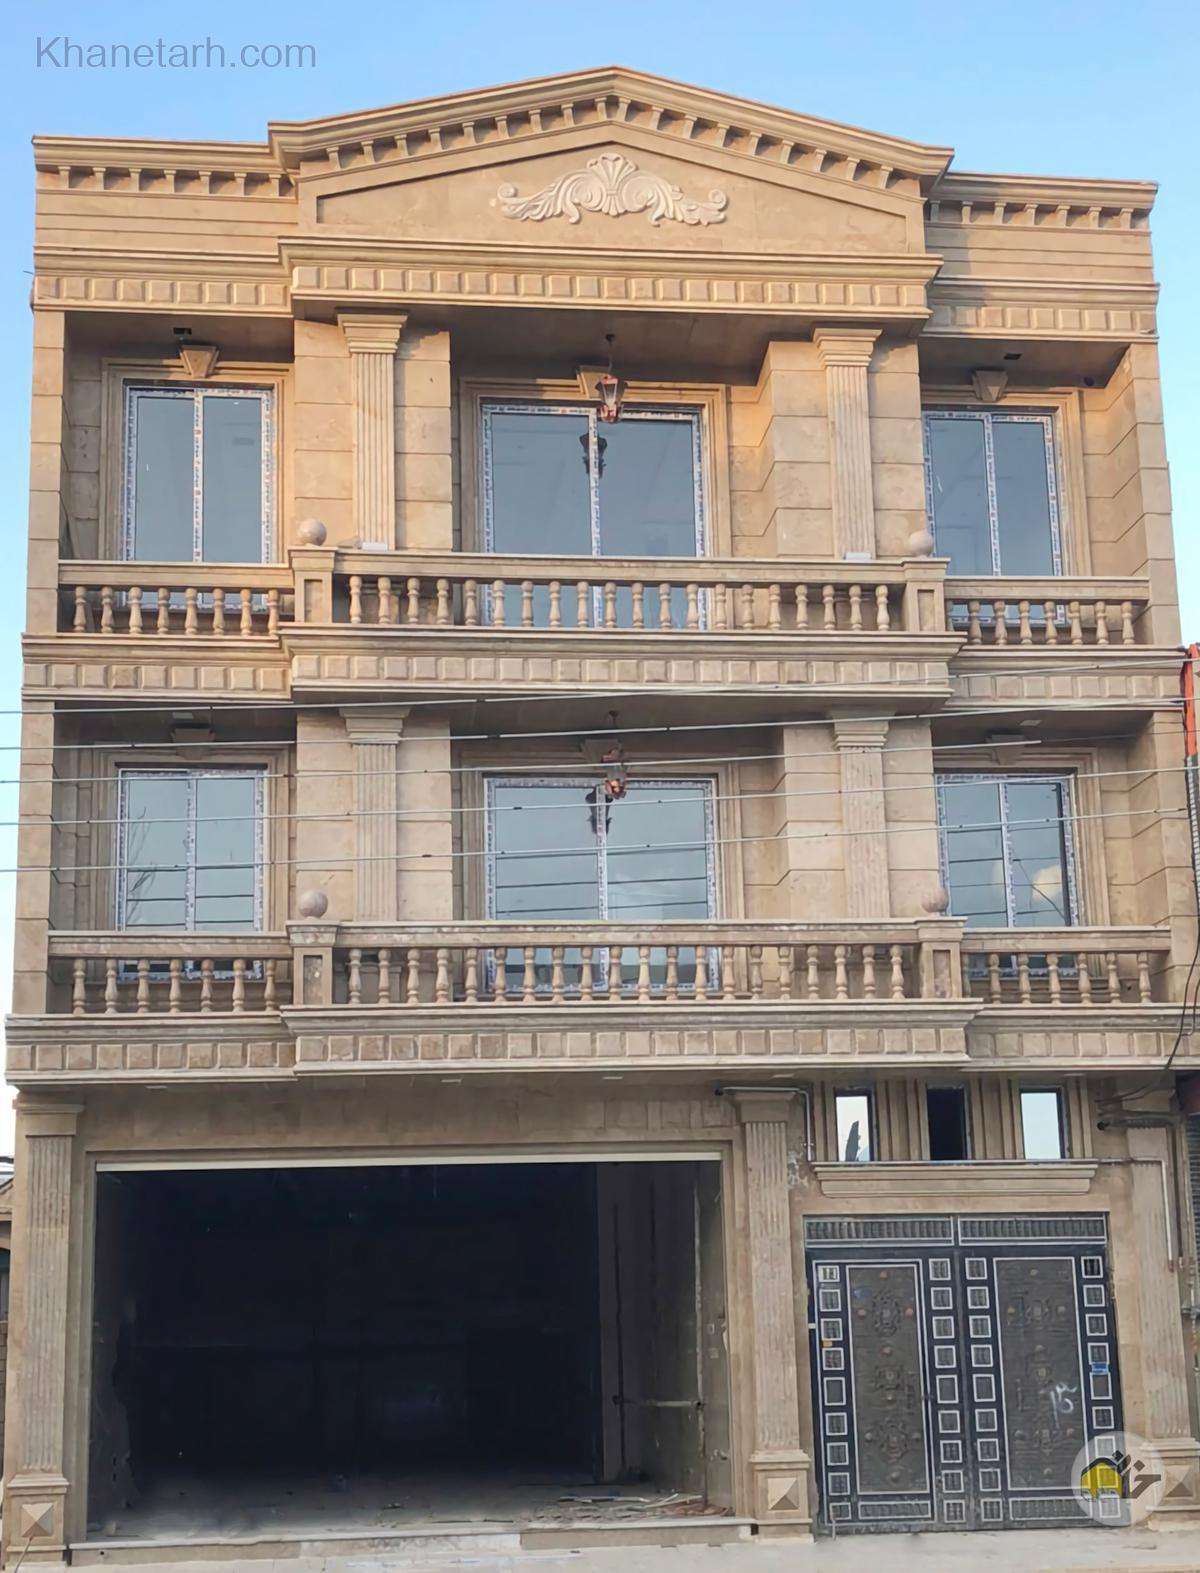 نمای رومی ساختمان دو طبقه جنوبی